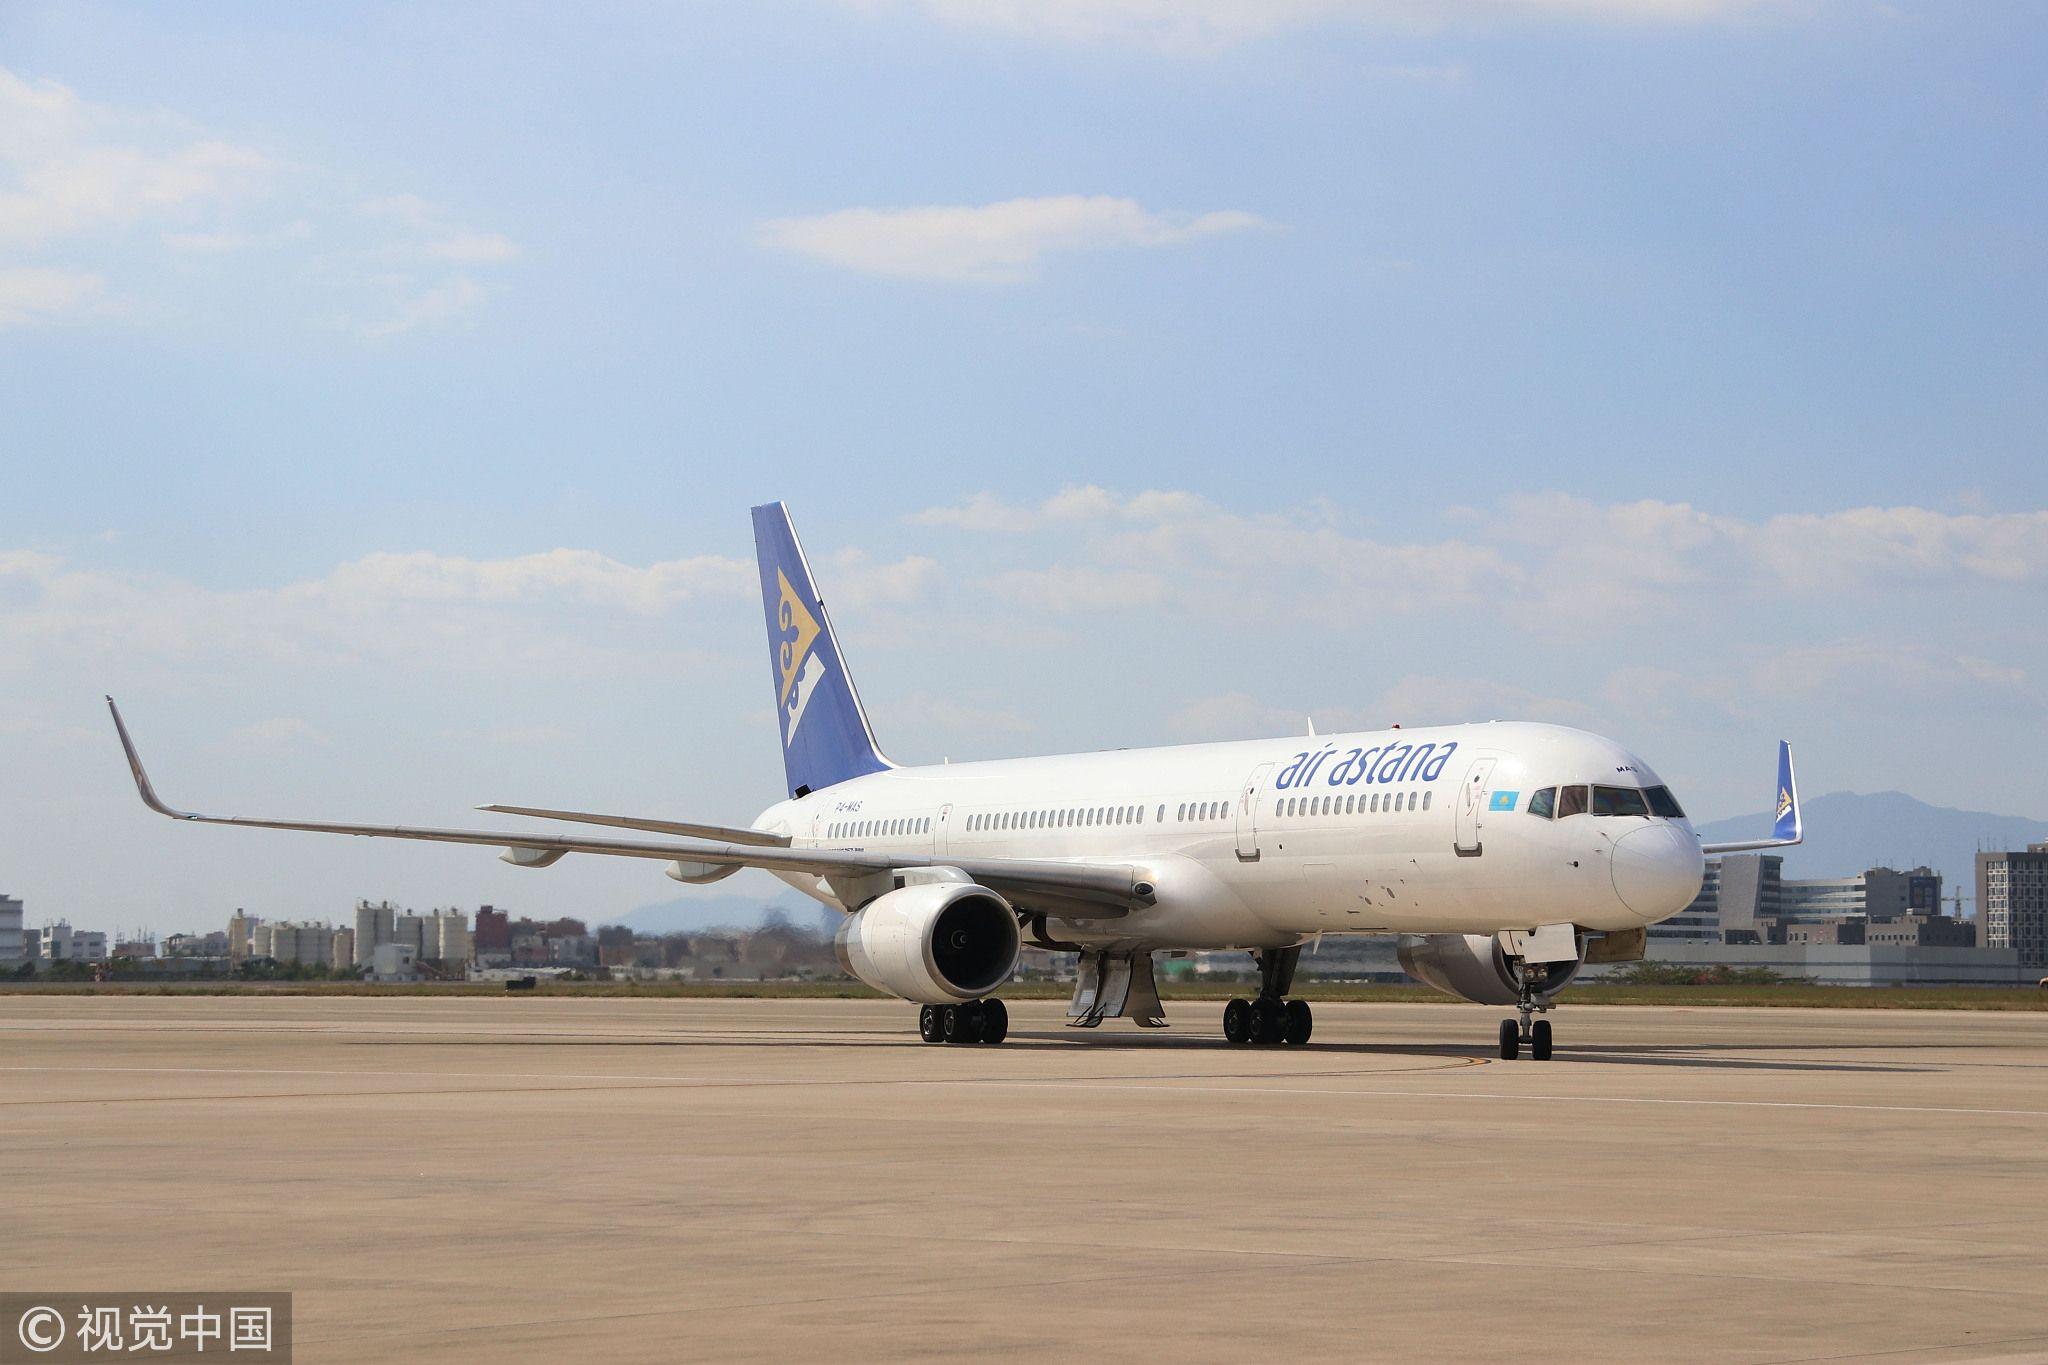 阿斯塔纳航空宣布2018年净利润为530万美元